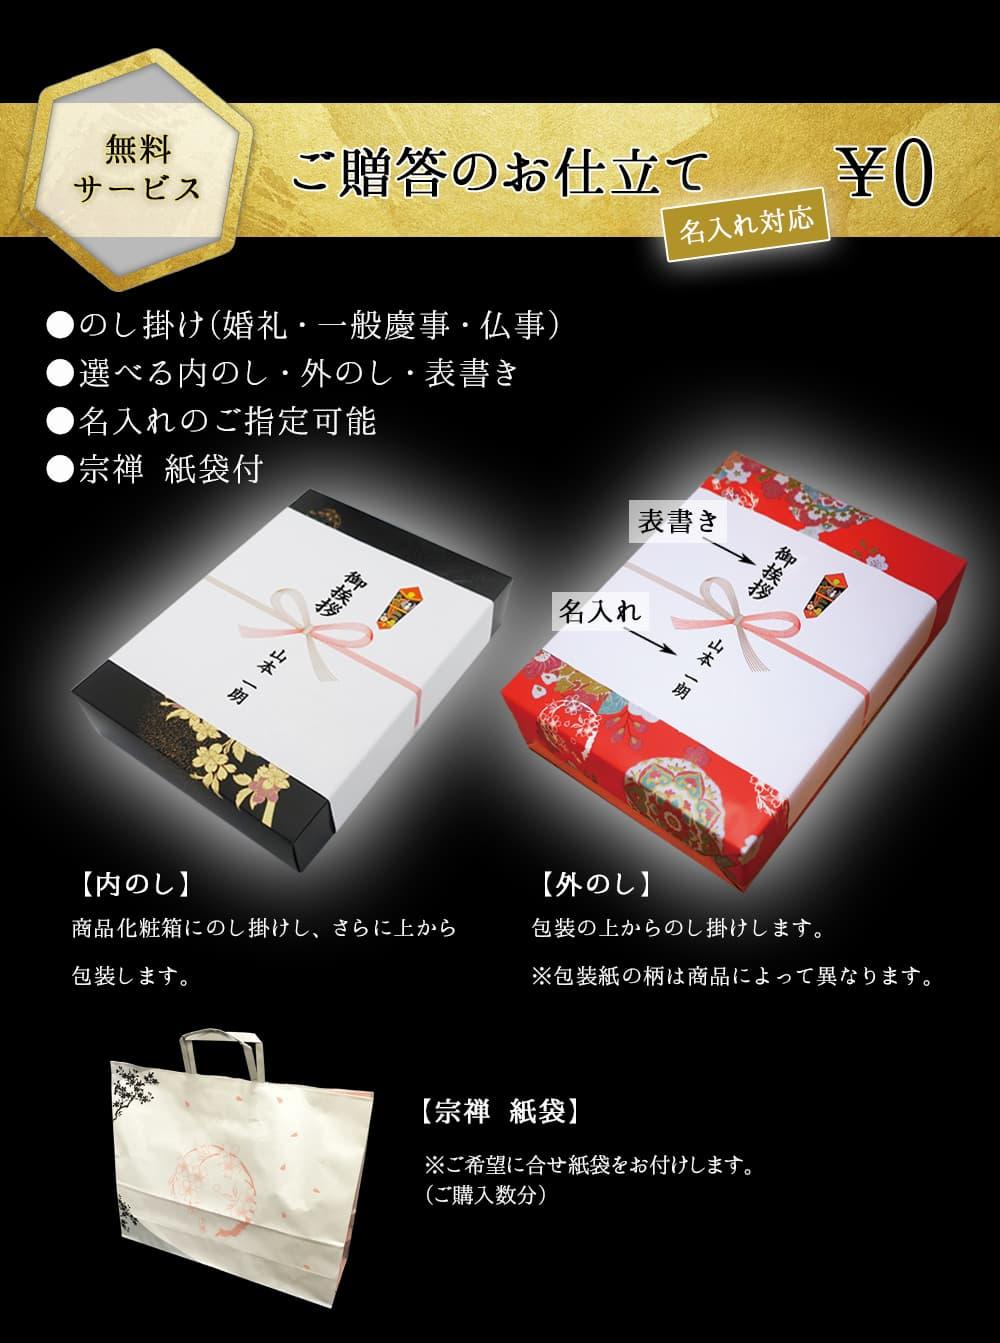 ご贈答のお仕立て0円「無料」サービス